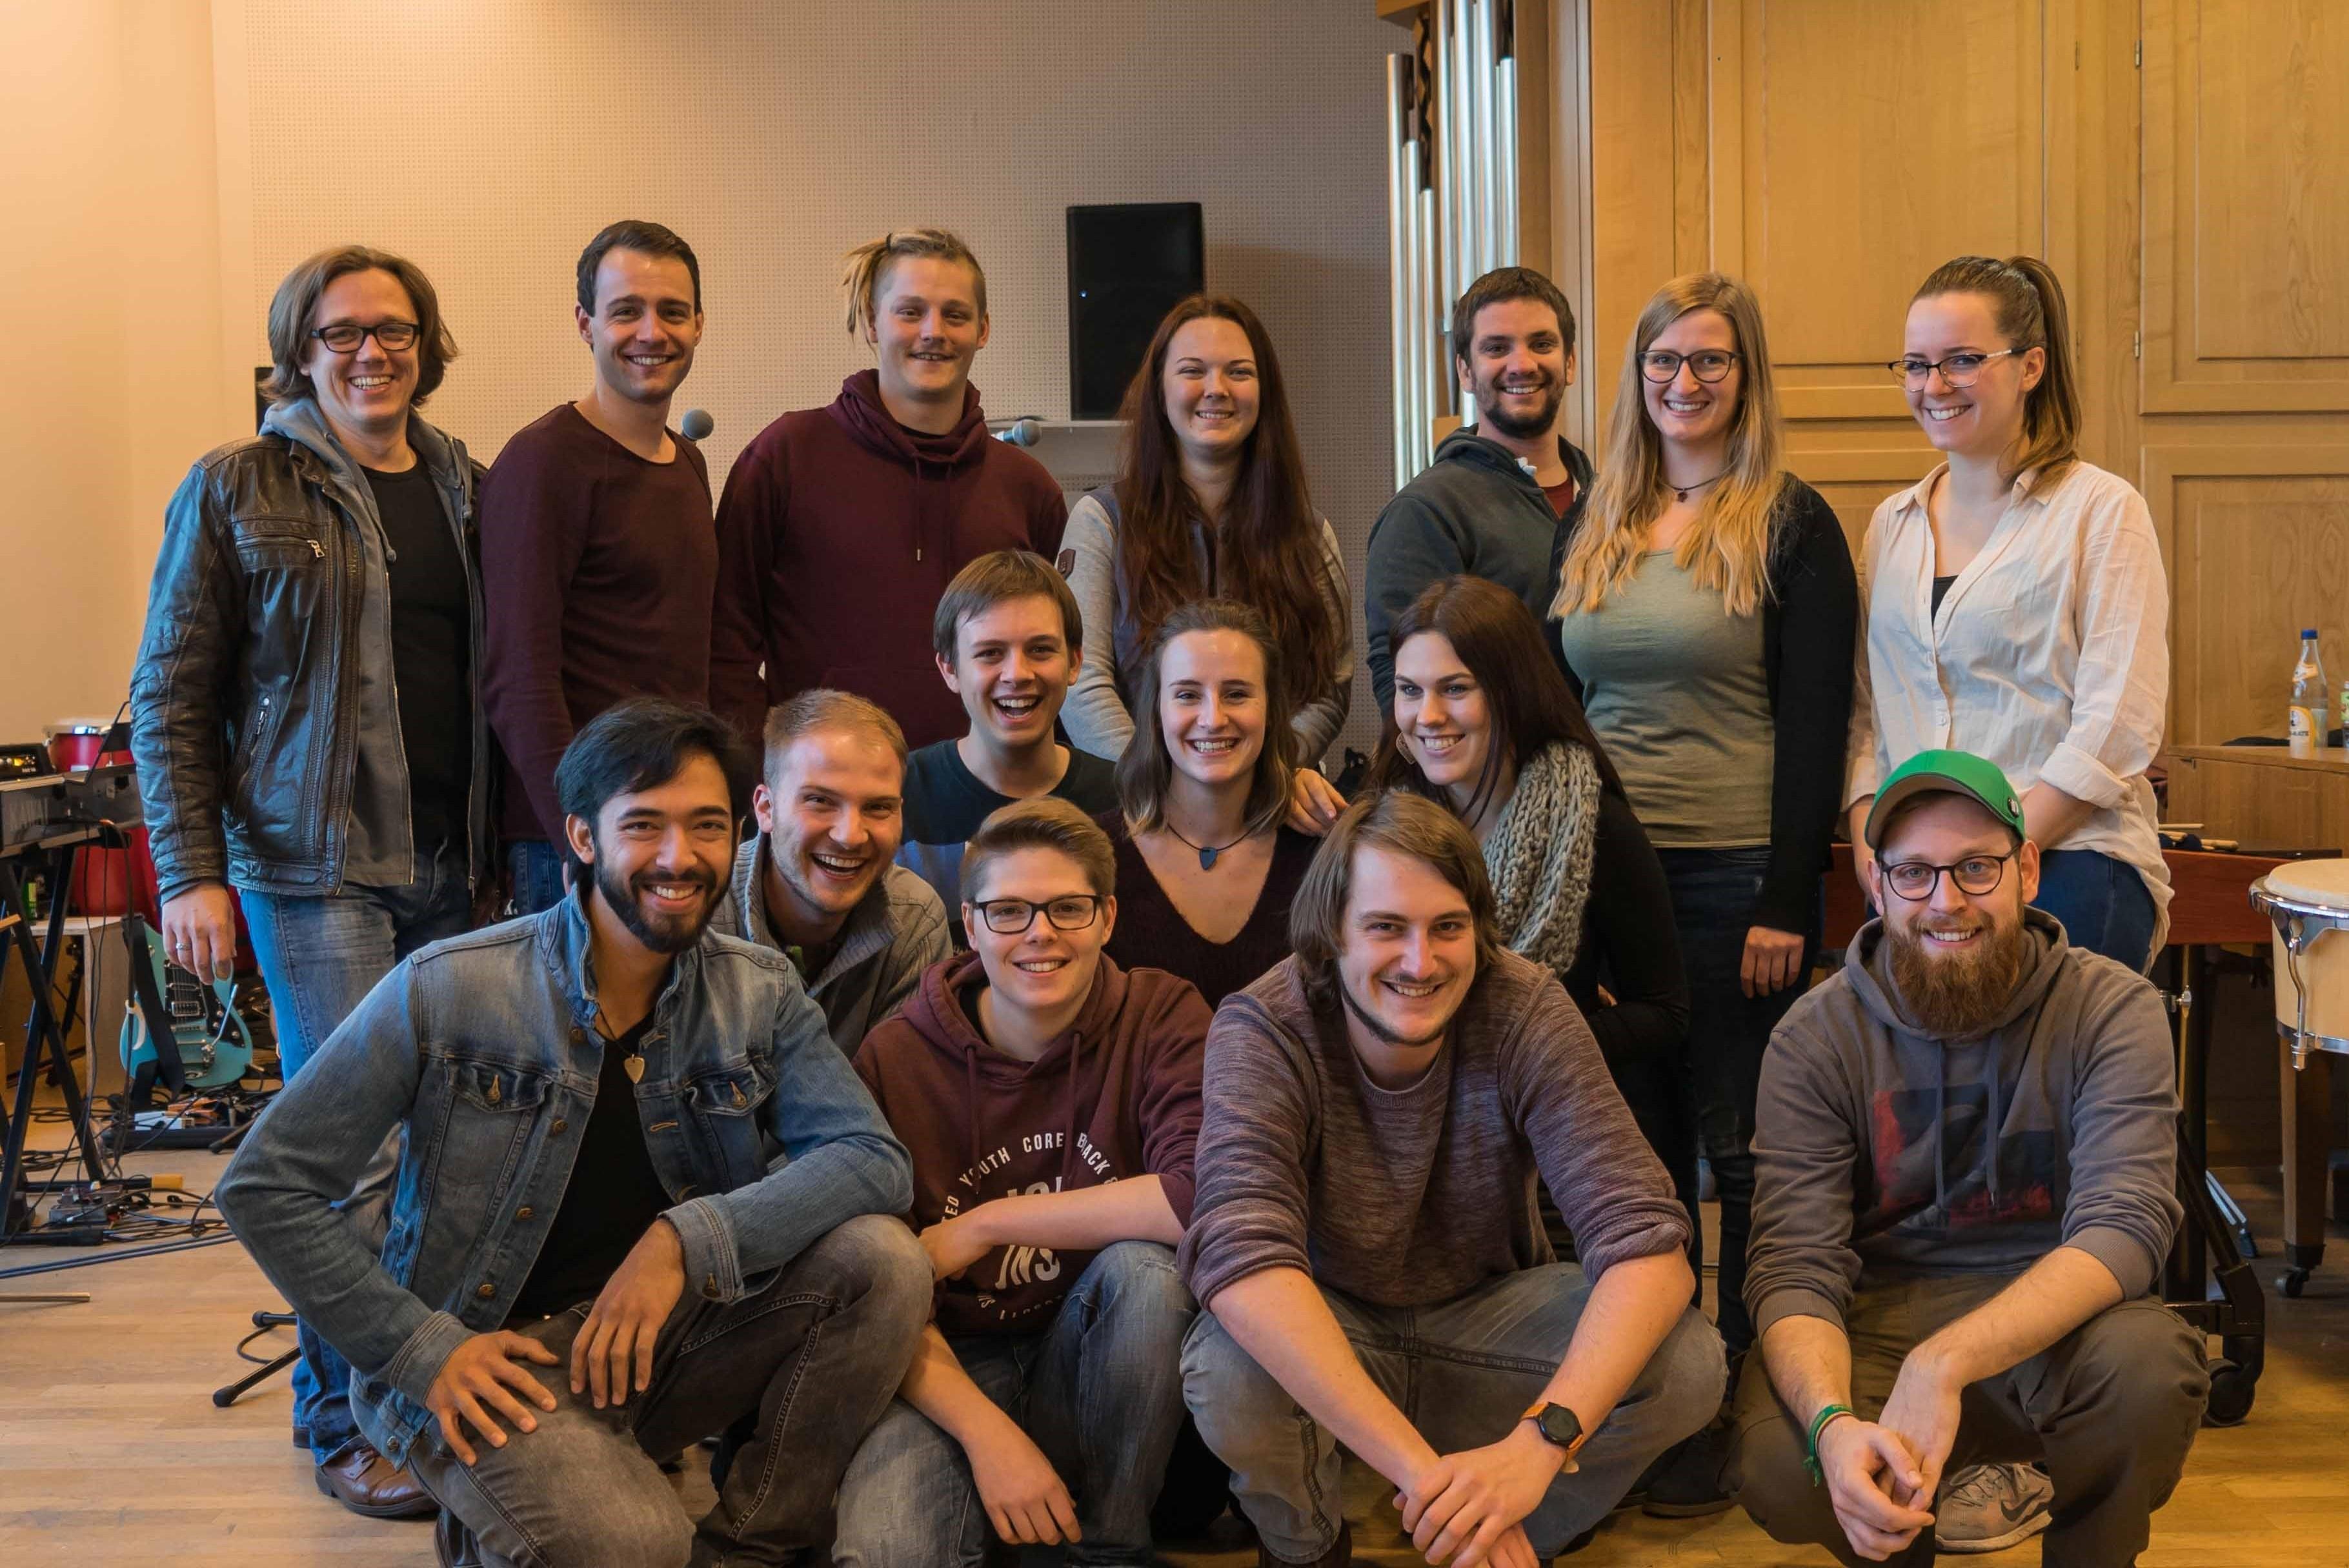 Semesterabschlusskonzert des Rock/Pop Ensembles